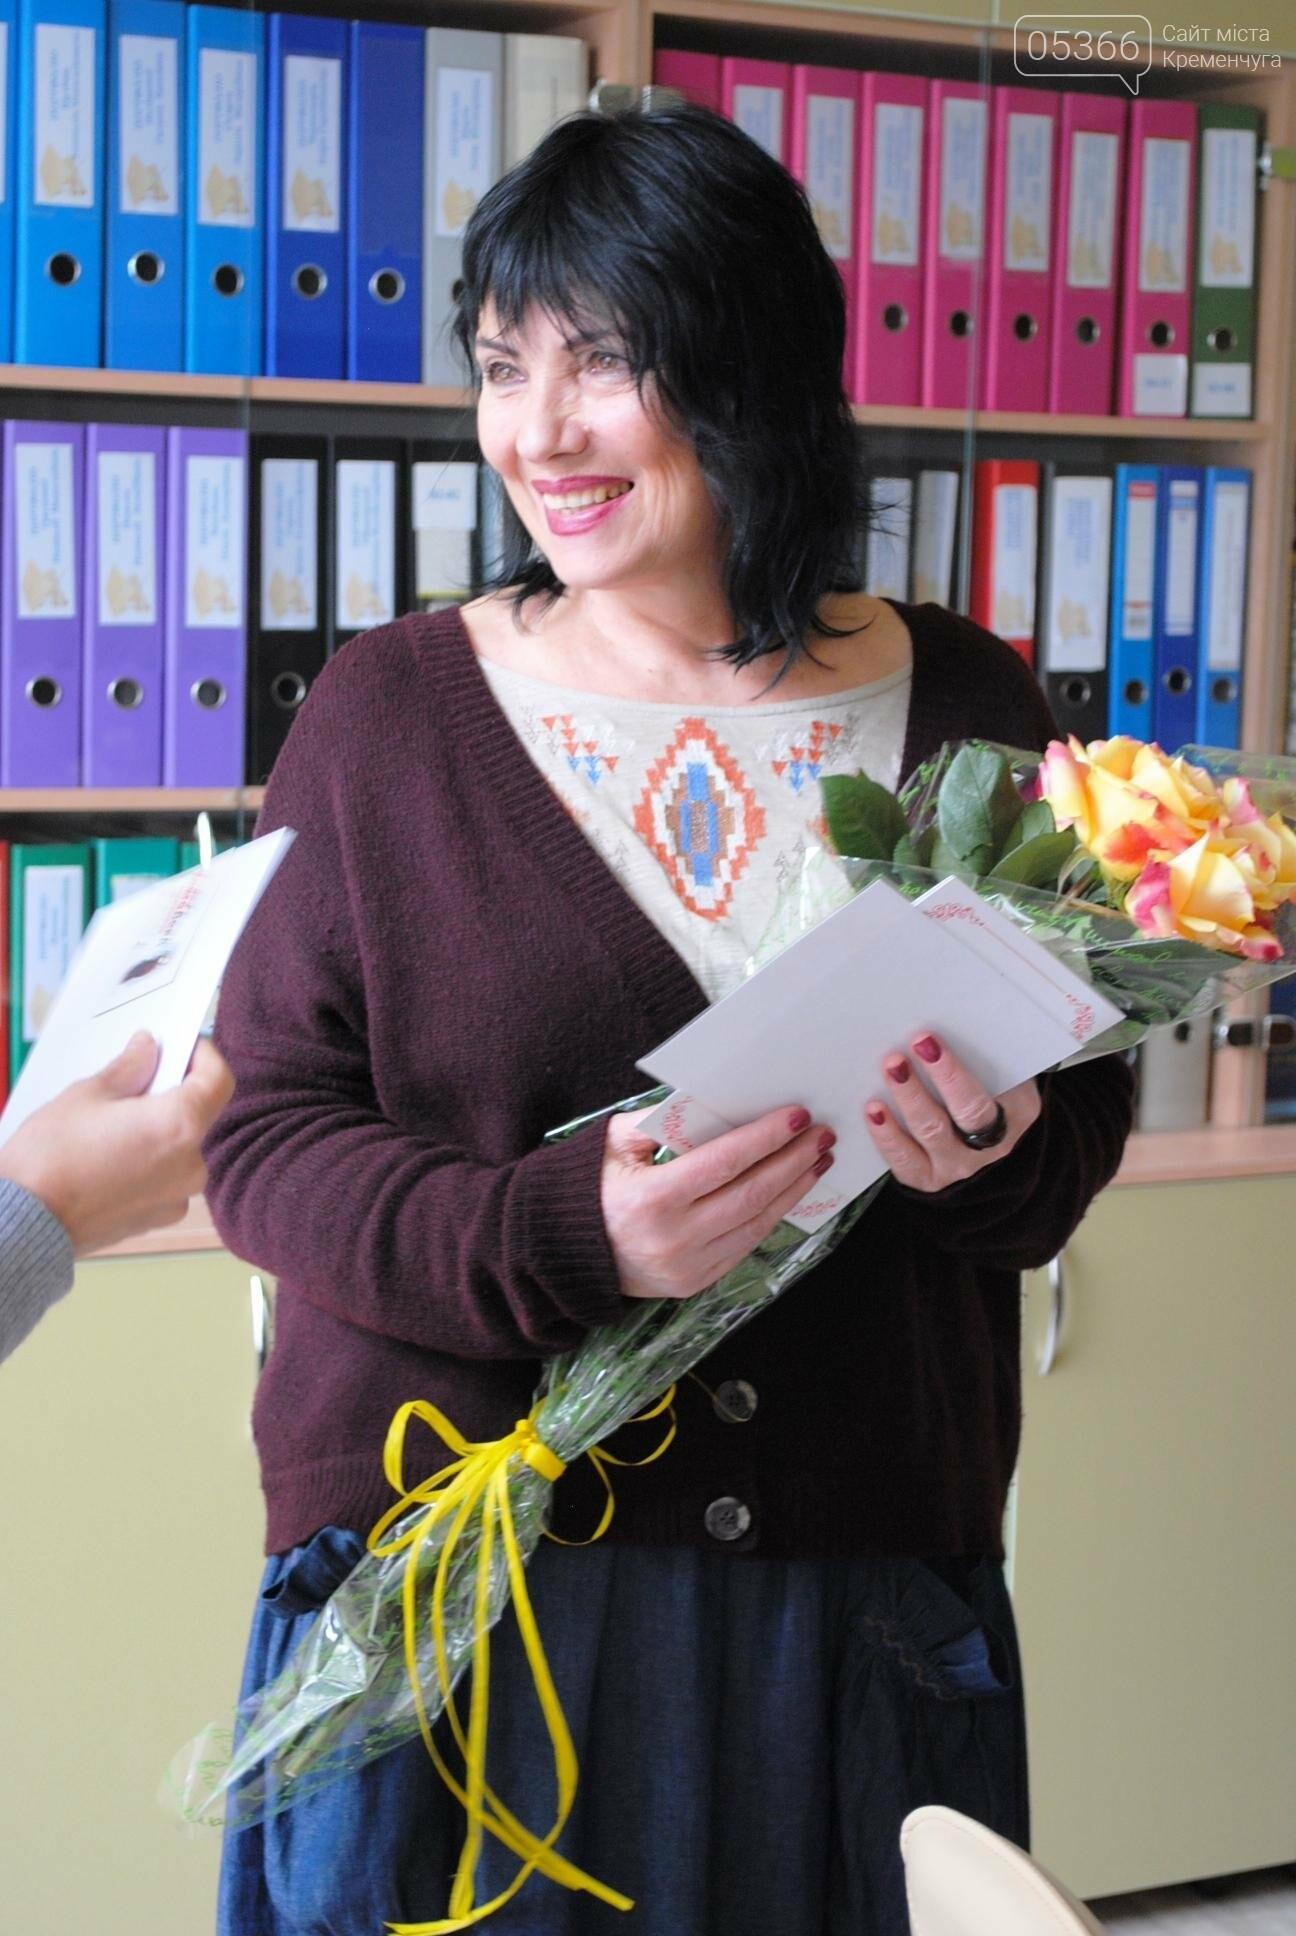 Лучший подарок для учителя - признание и любовь учеников (ФОТО), фото-4